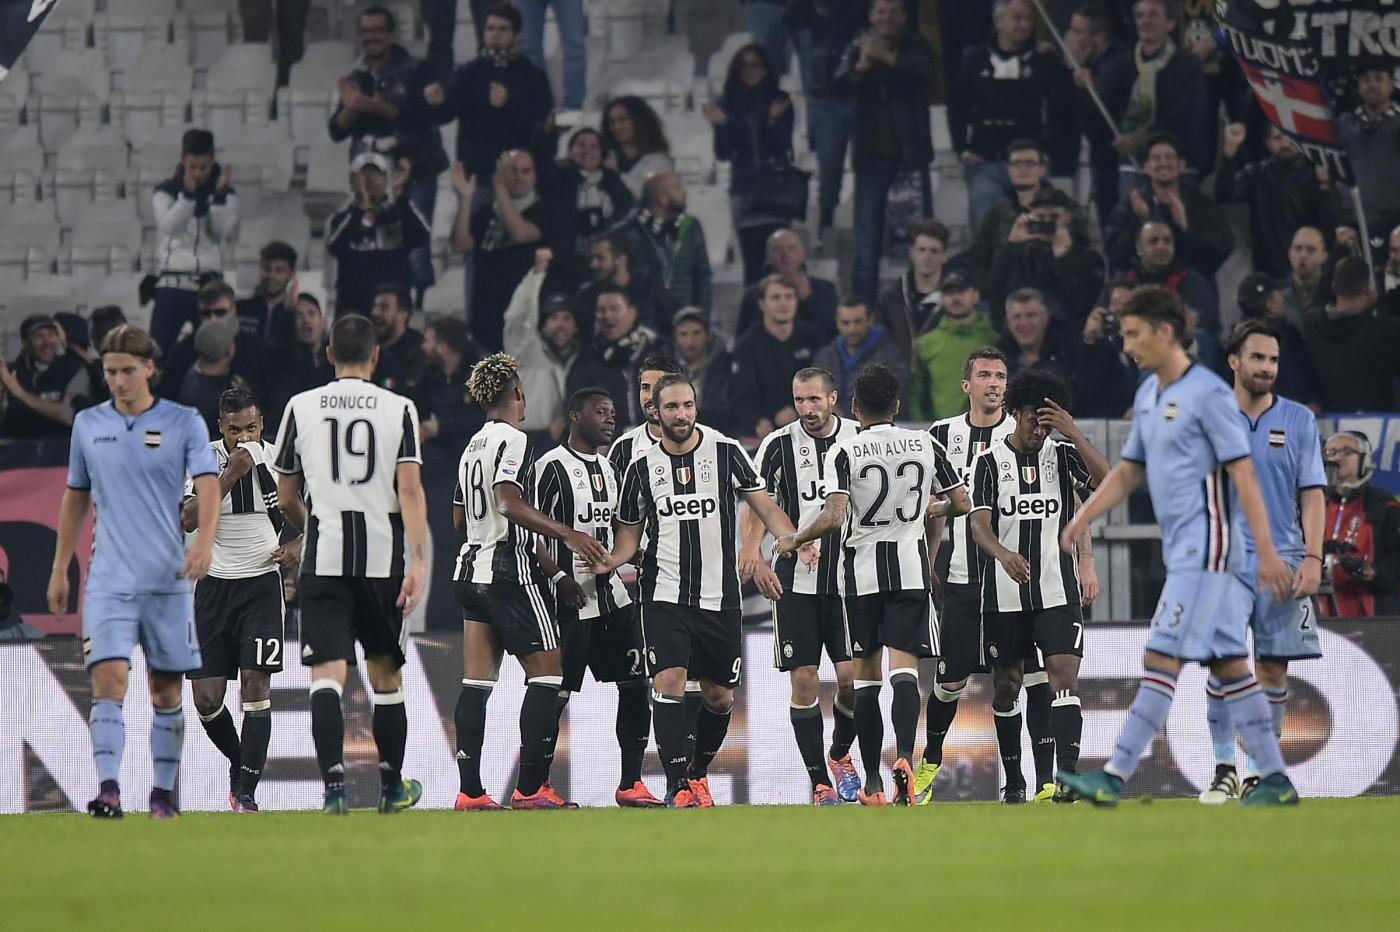 Udinese-Juventus: dove vedere la partita in tv, su tablet e telefono